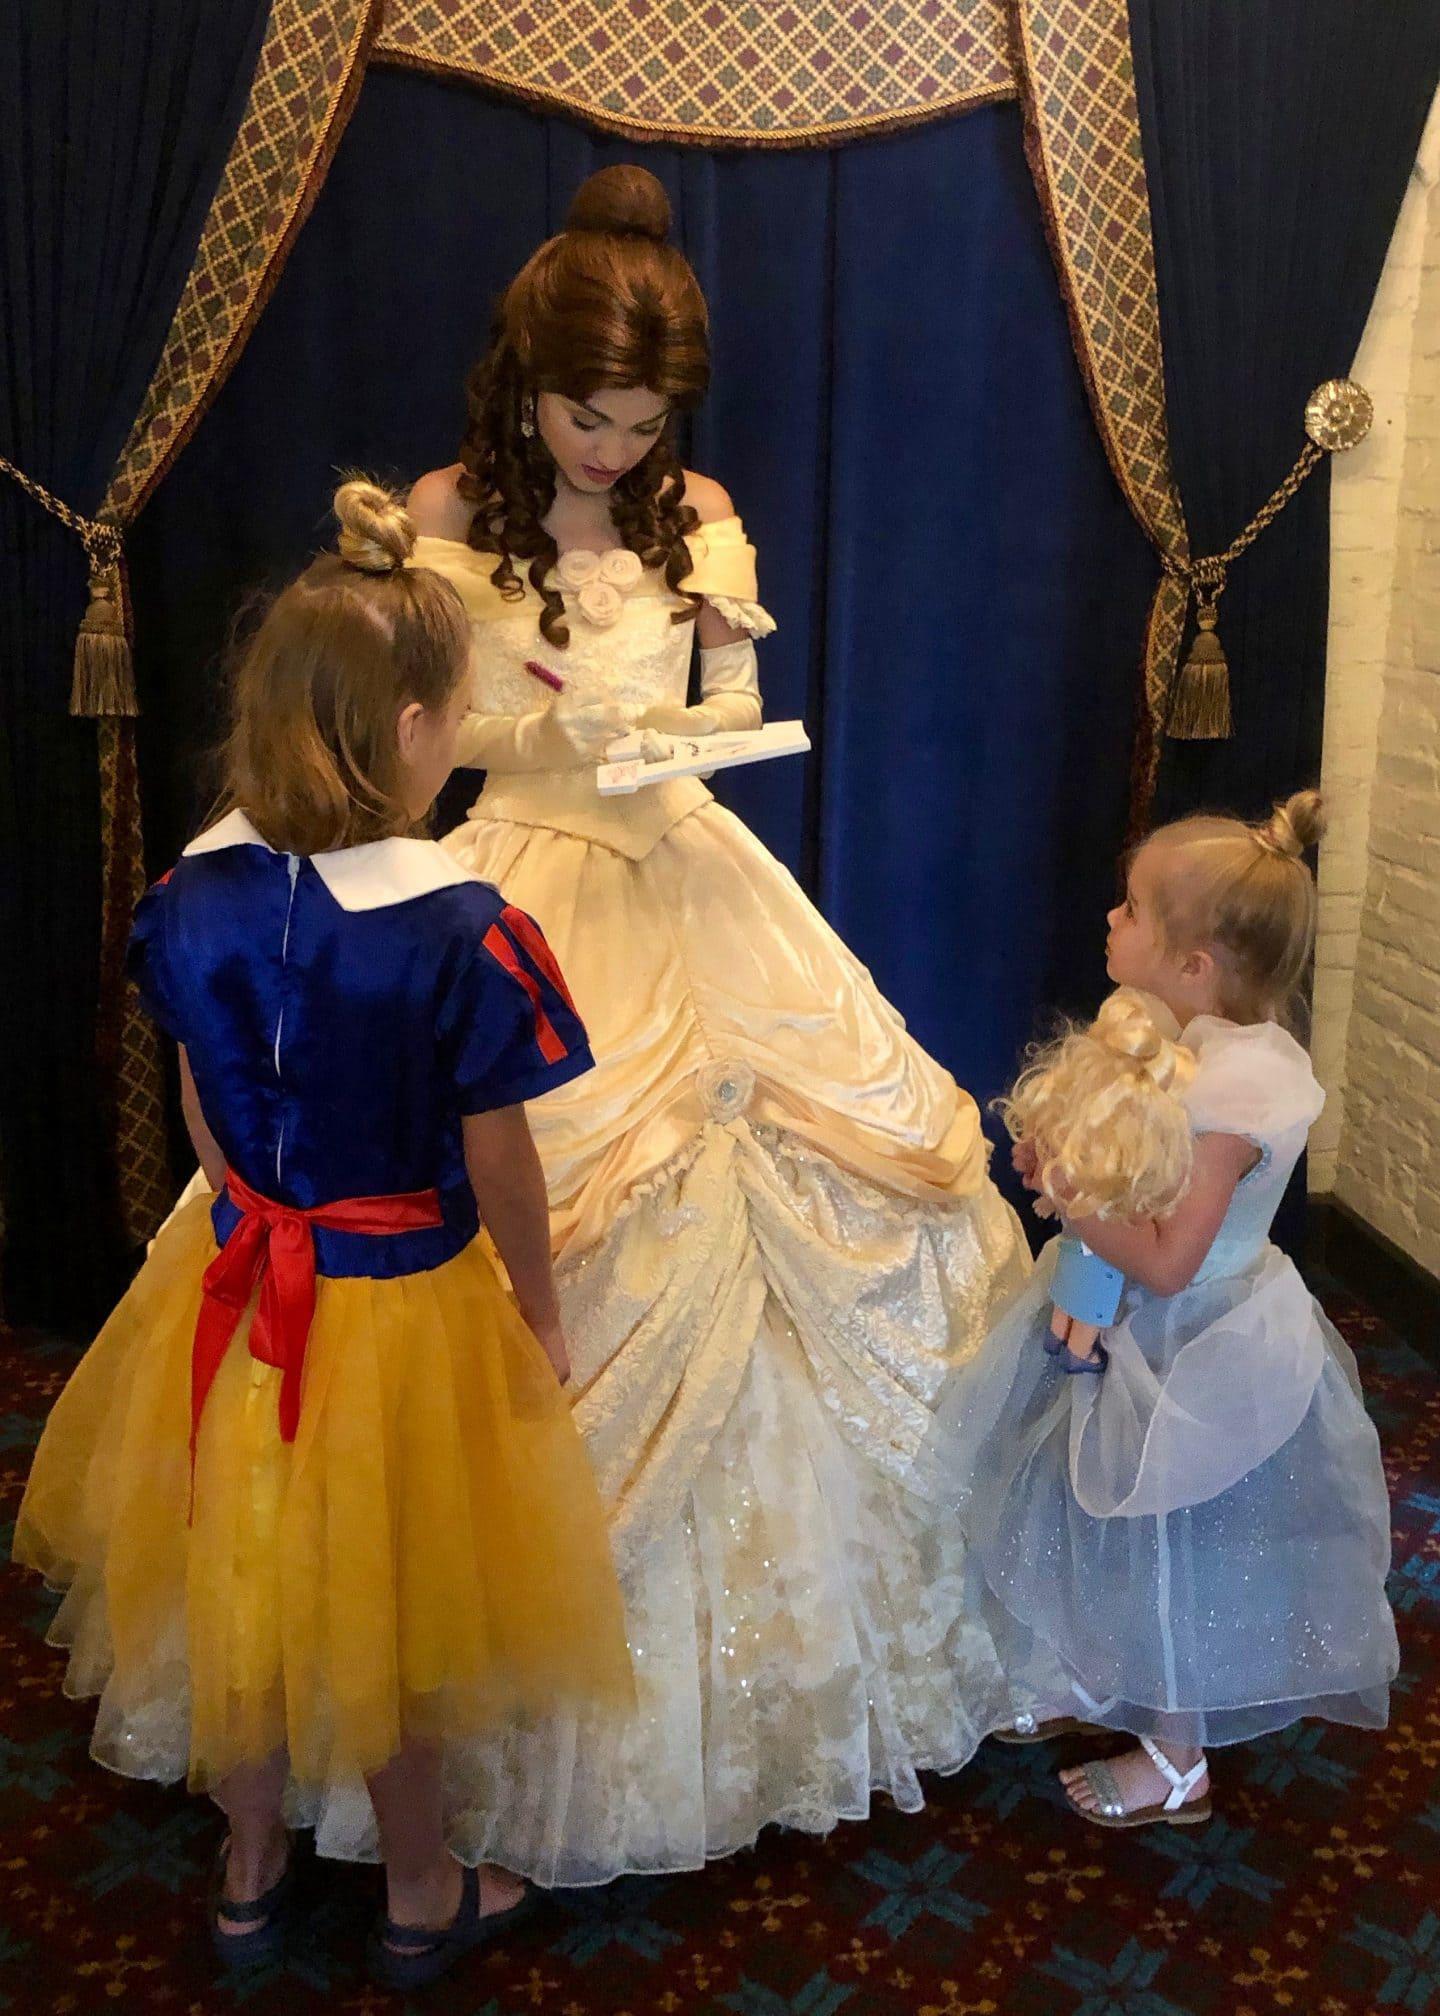 belle meet and greet at Epcot at Akershus princess breakfast